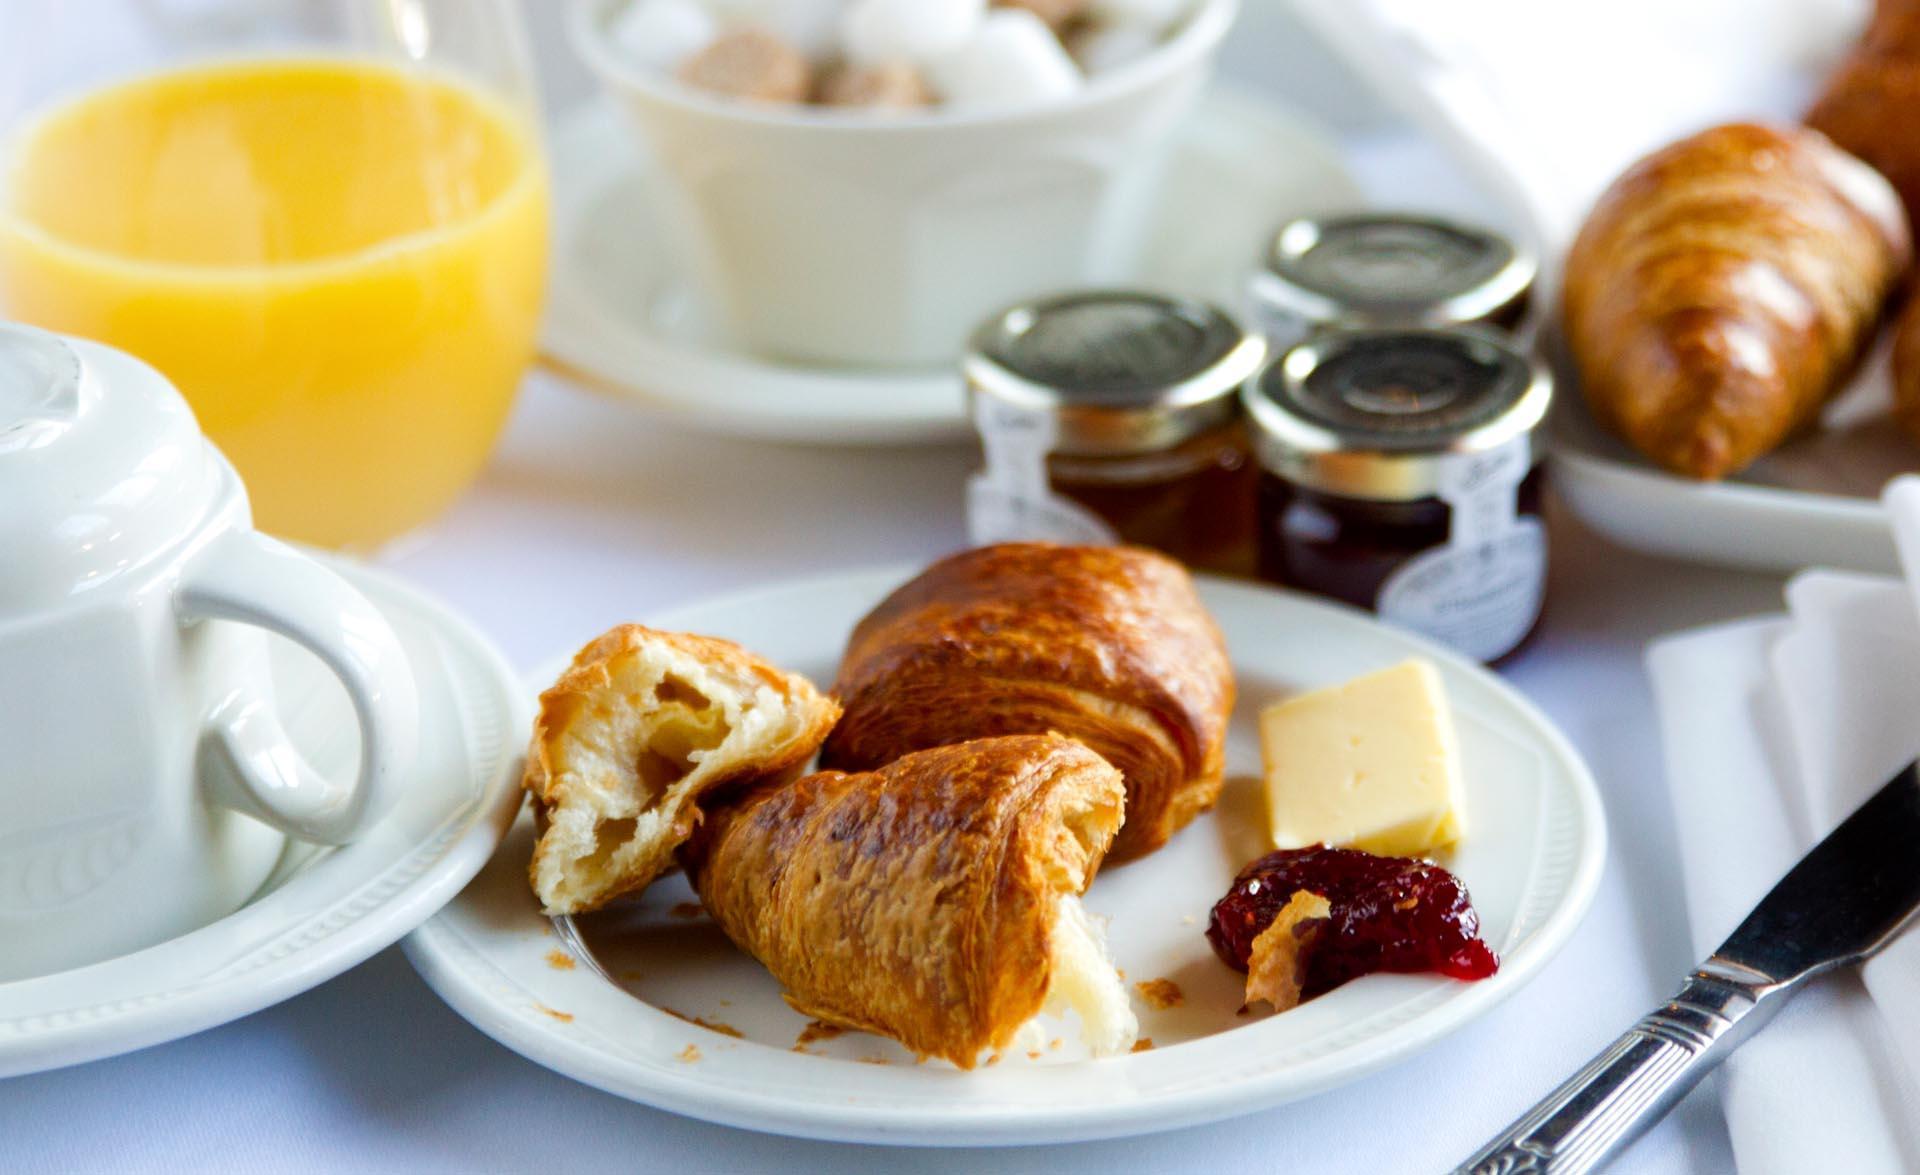 Continental breakfast at Barn Hotel Ruislip near London